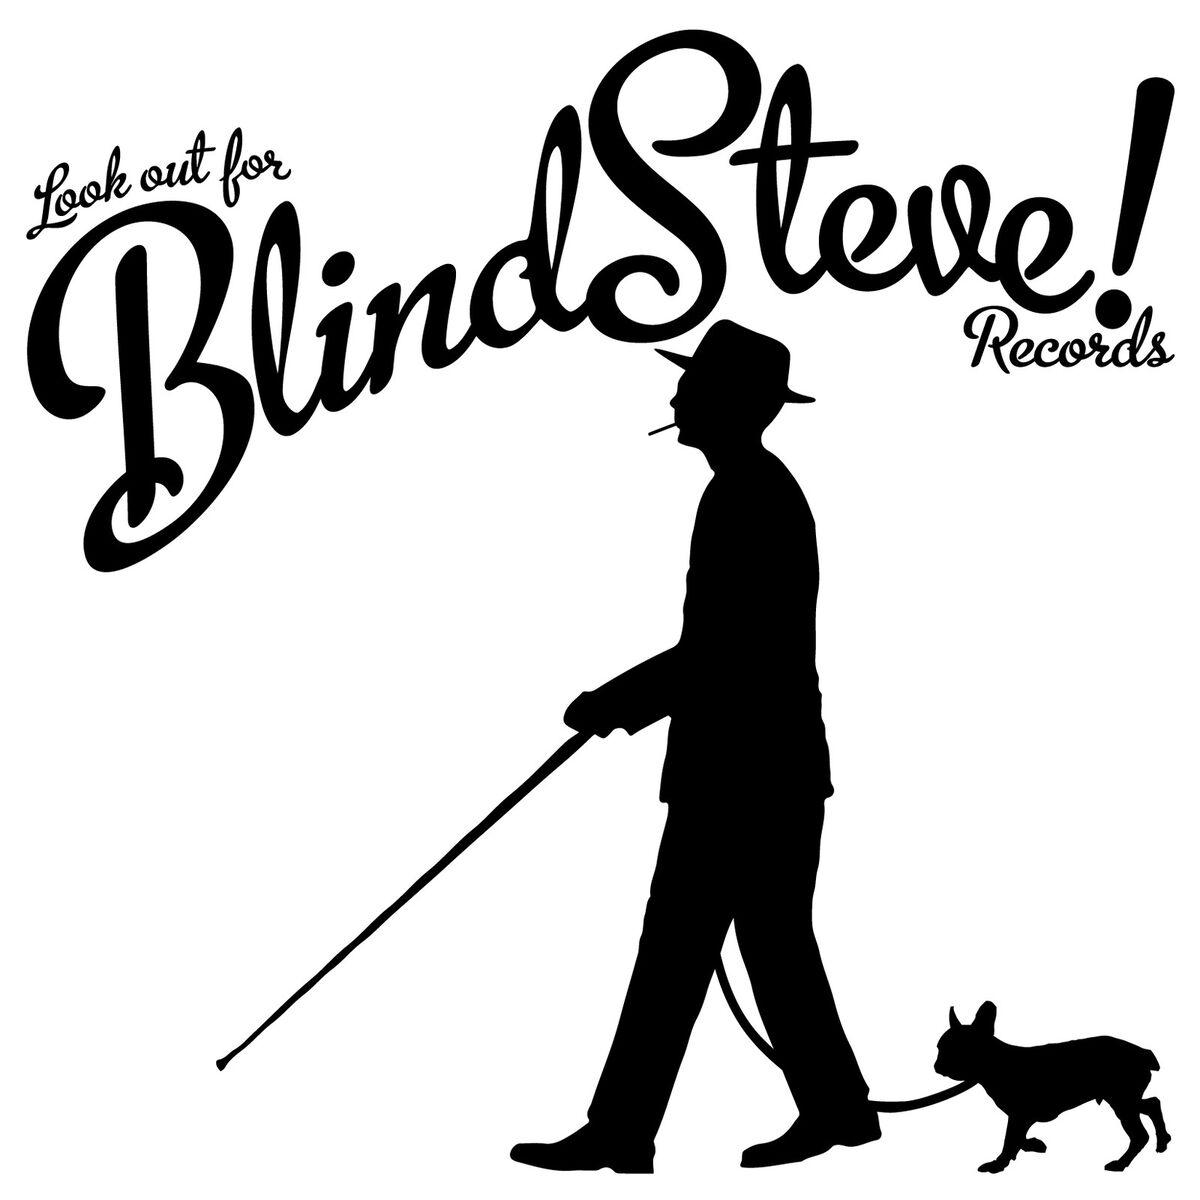 Blind Steve Records